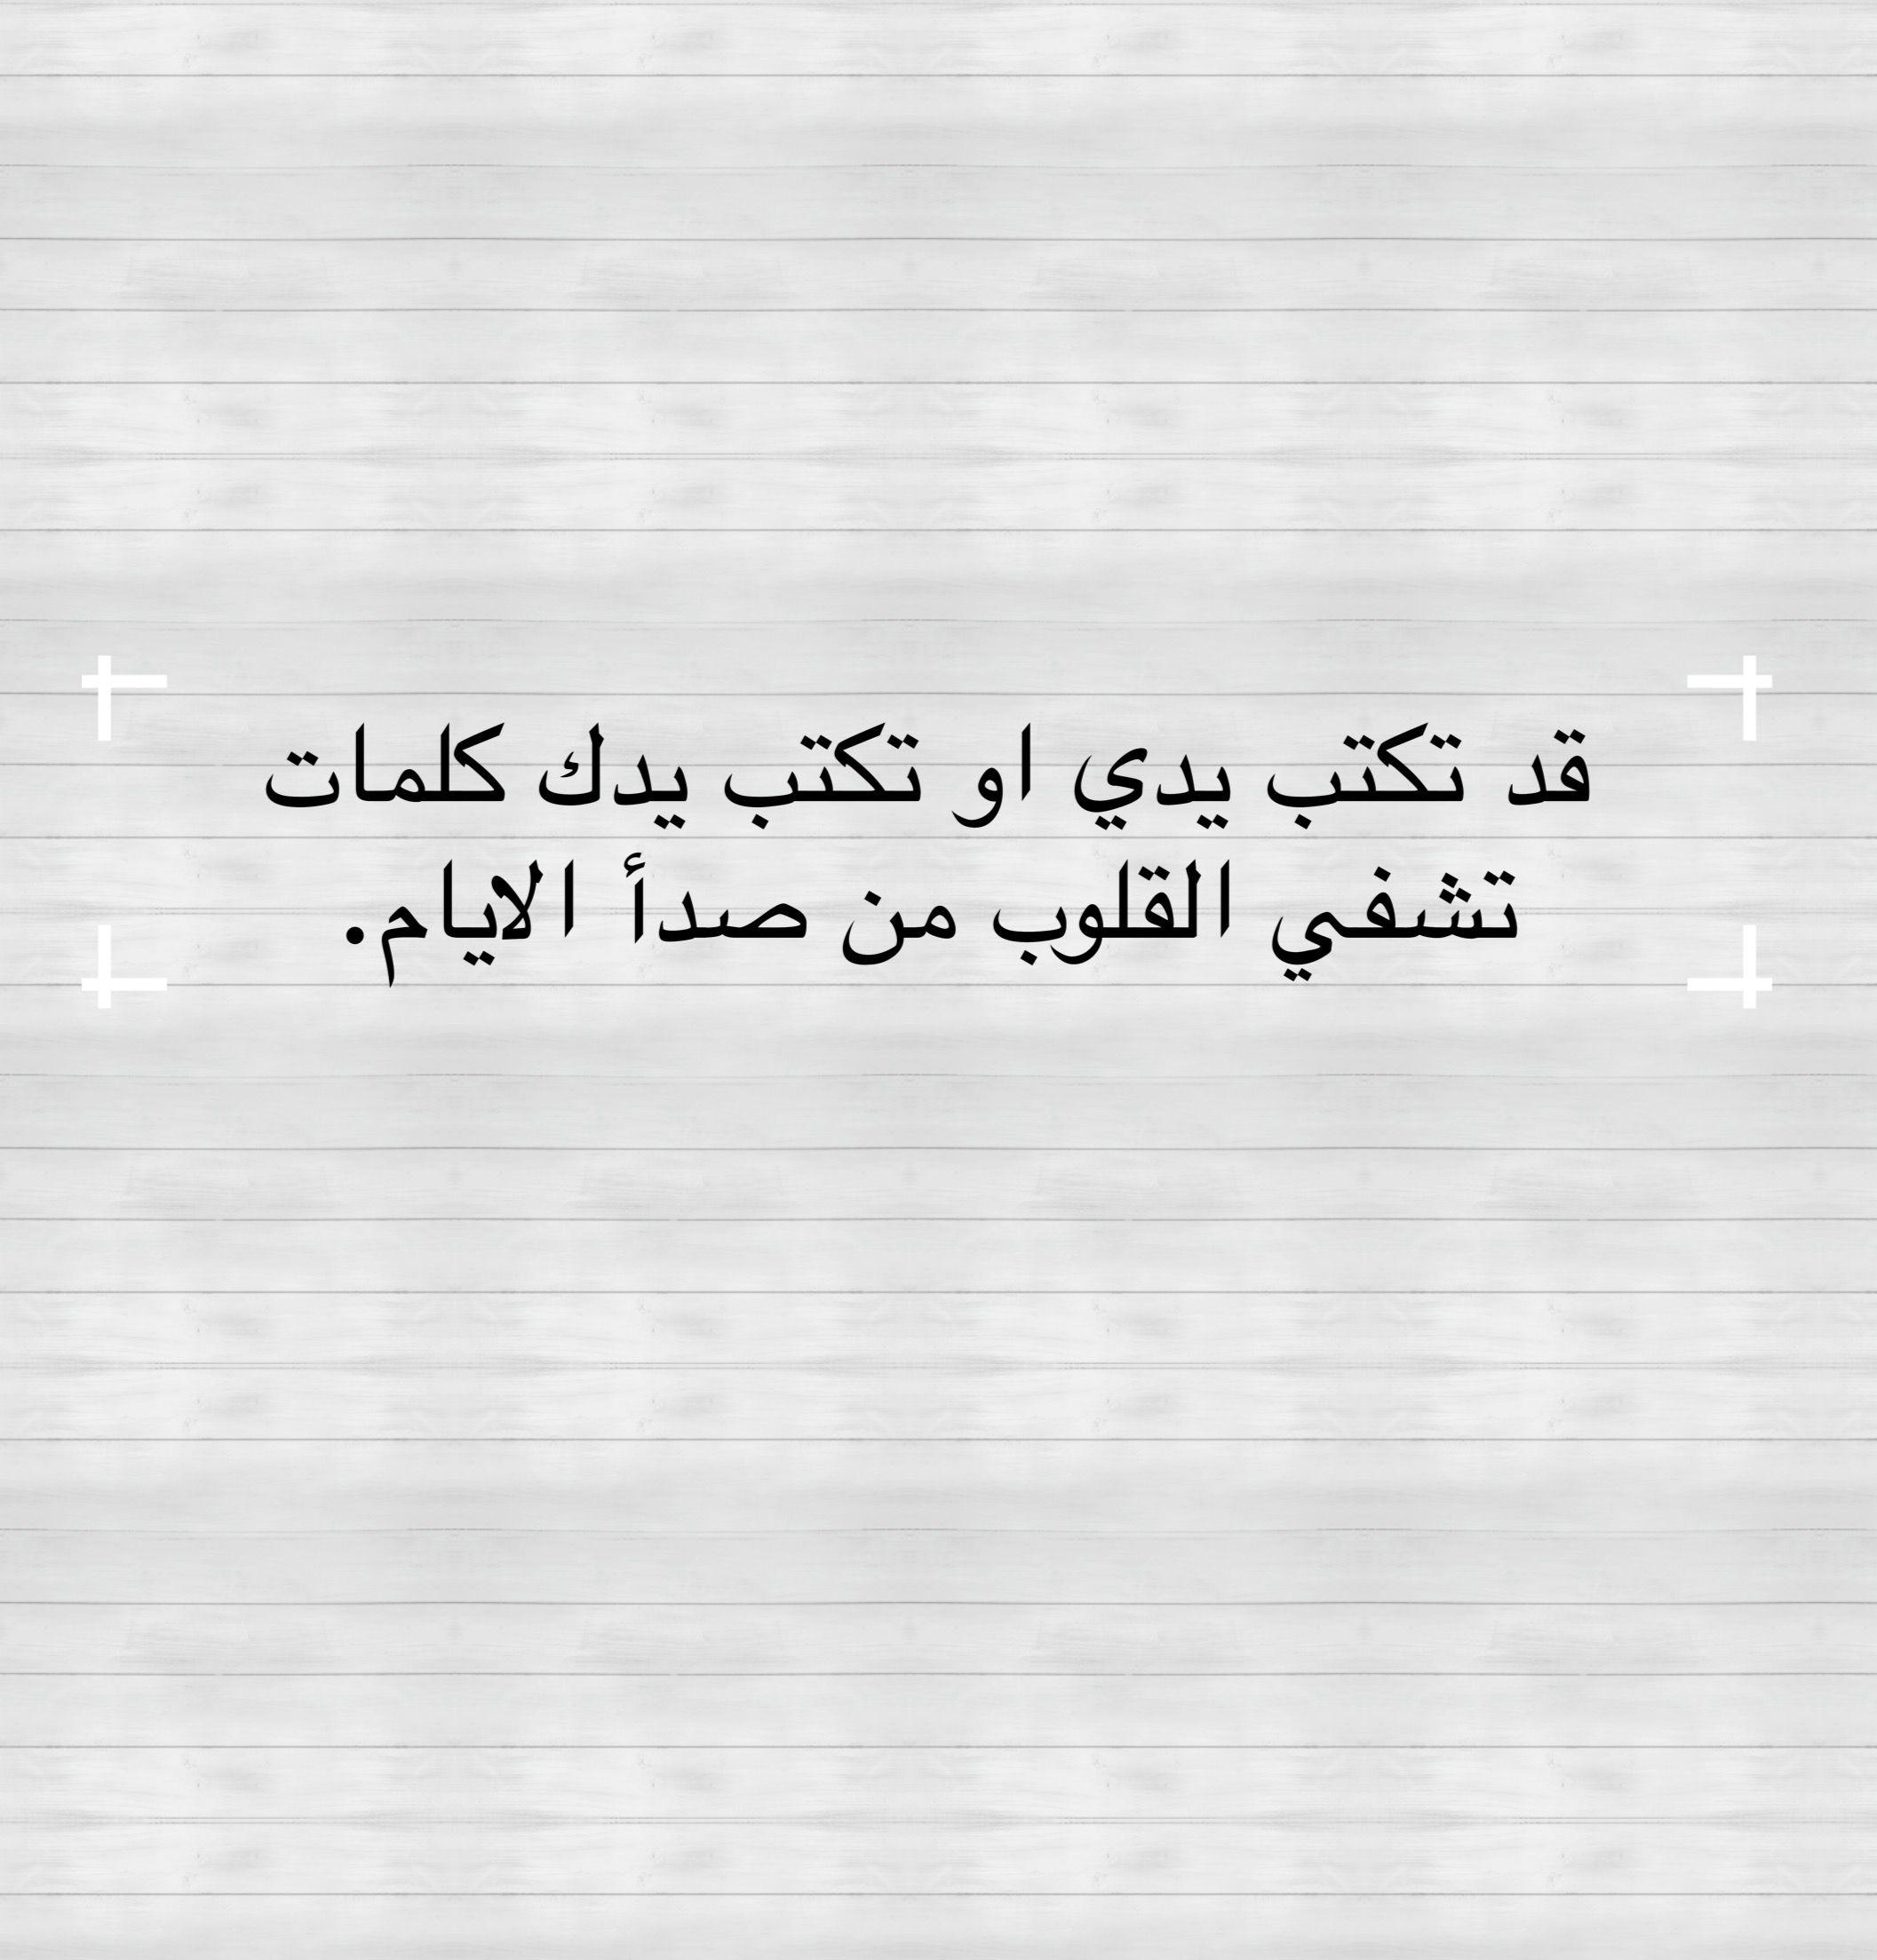 قد تكتب يدي او تكتب يدك كلمات تشفي القلوب من صدأ الايام Math Arabic Calligraphy Math Equations